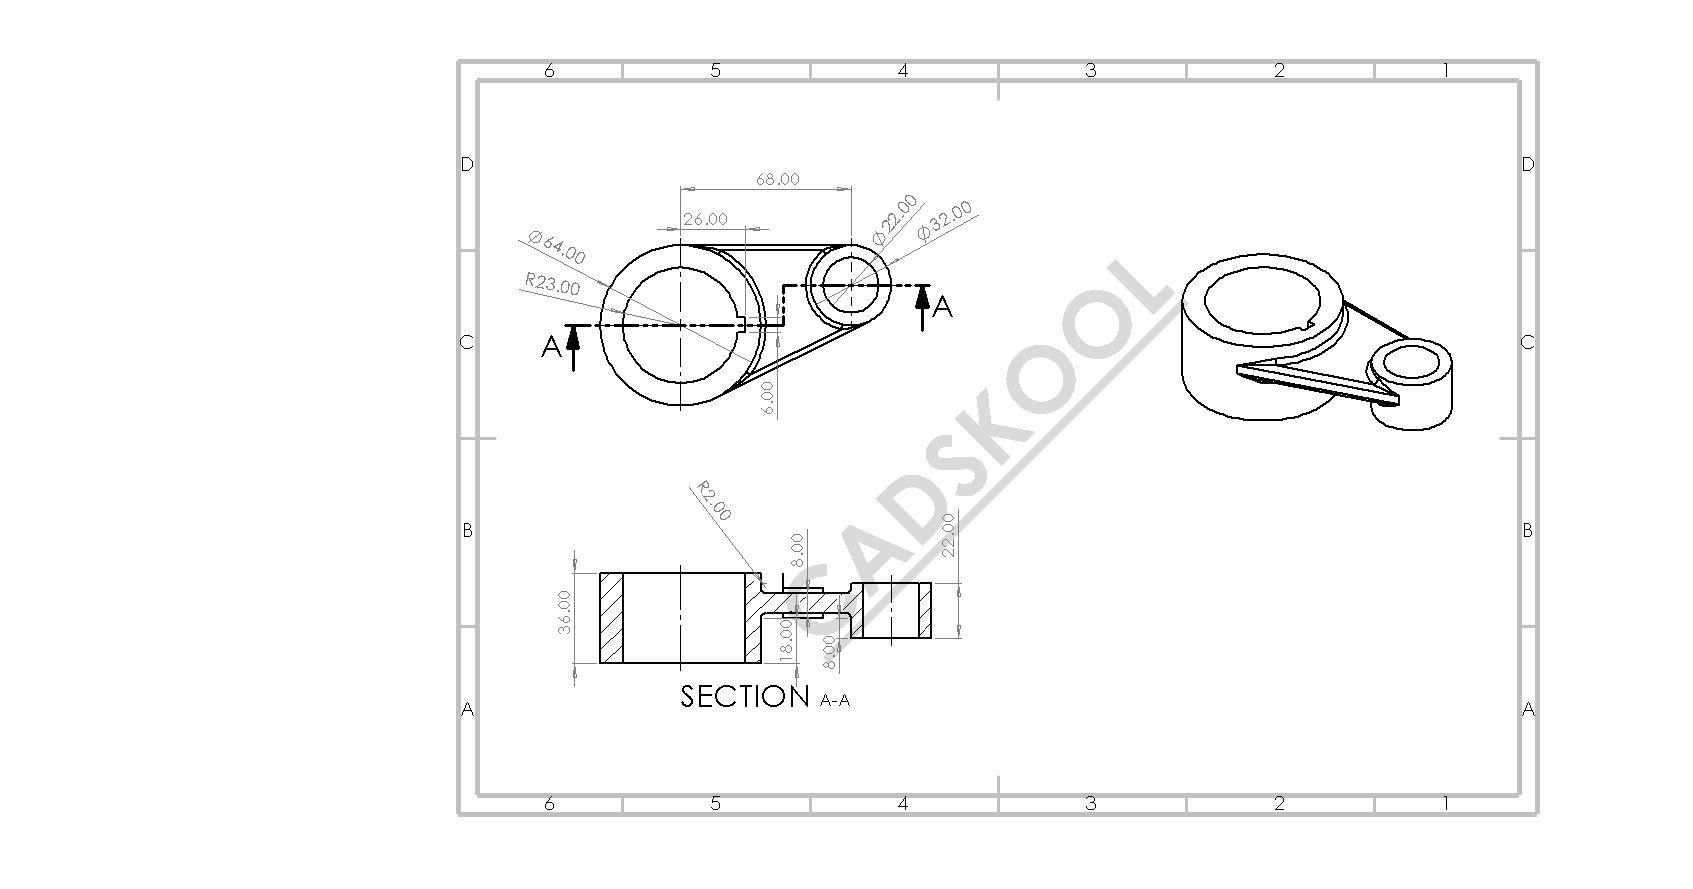 Sketch Based 3d Model In Solidworks